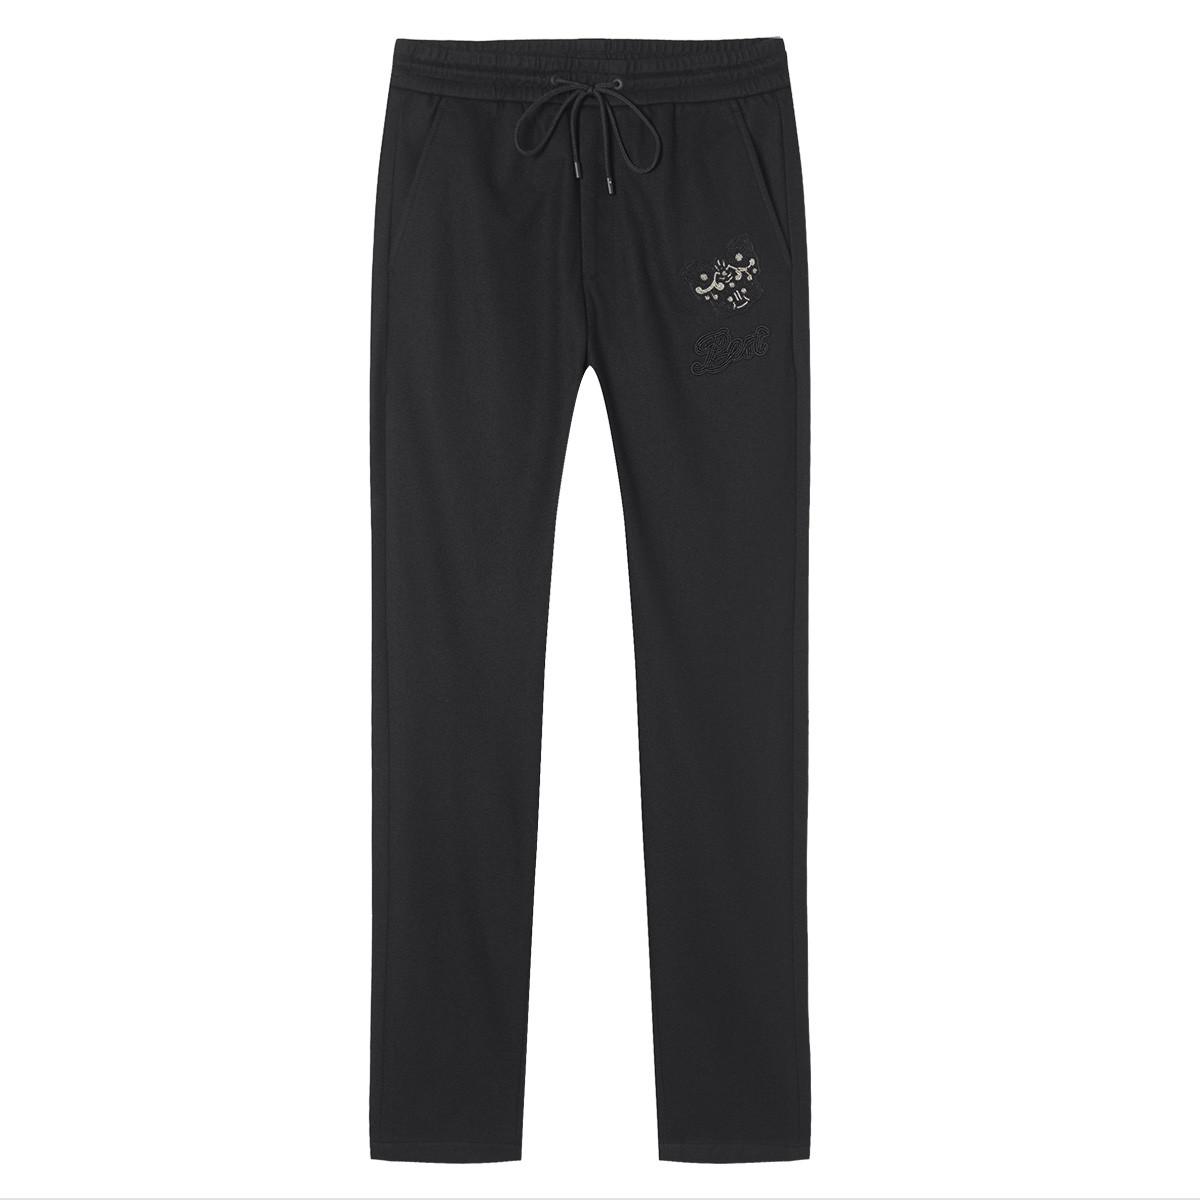 DEGAIA男士时尚串珠绣花直筒运动裤DU1723511501